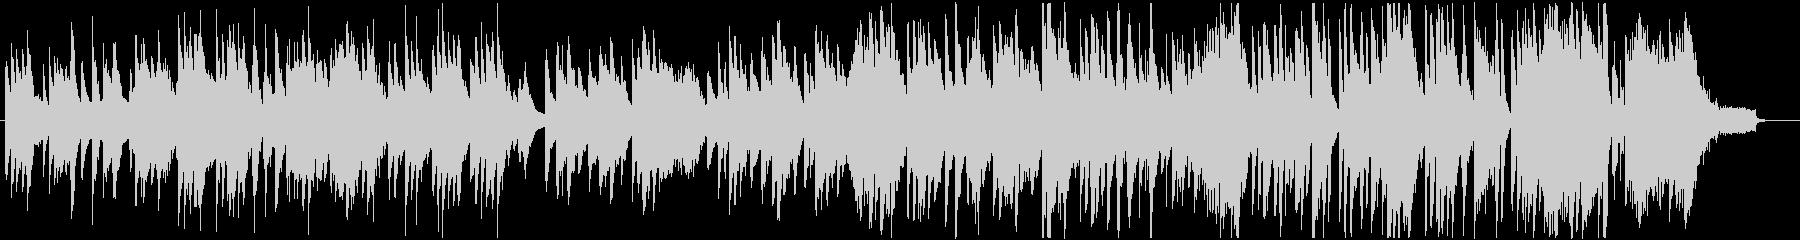 琴とピアノの日本的で和風なBGMの未再生の波形